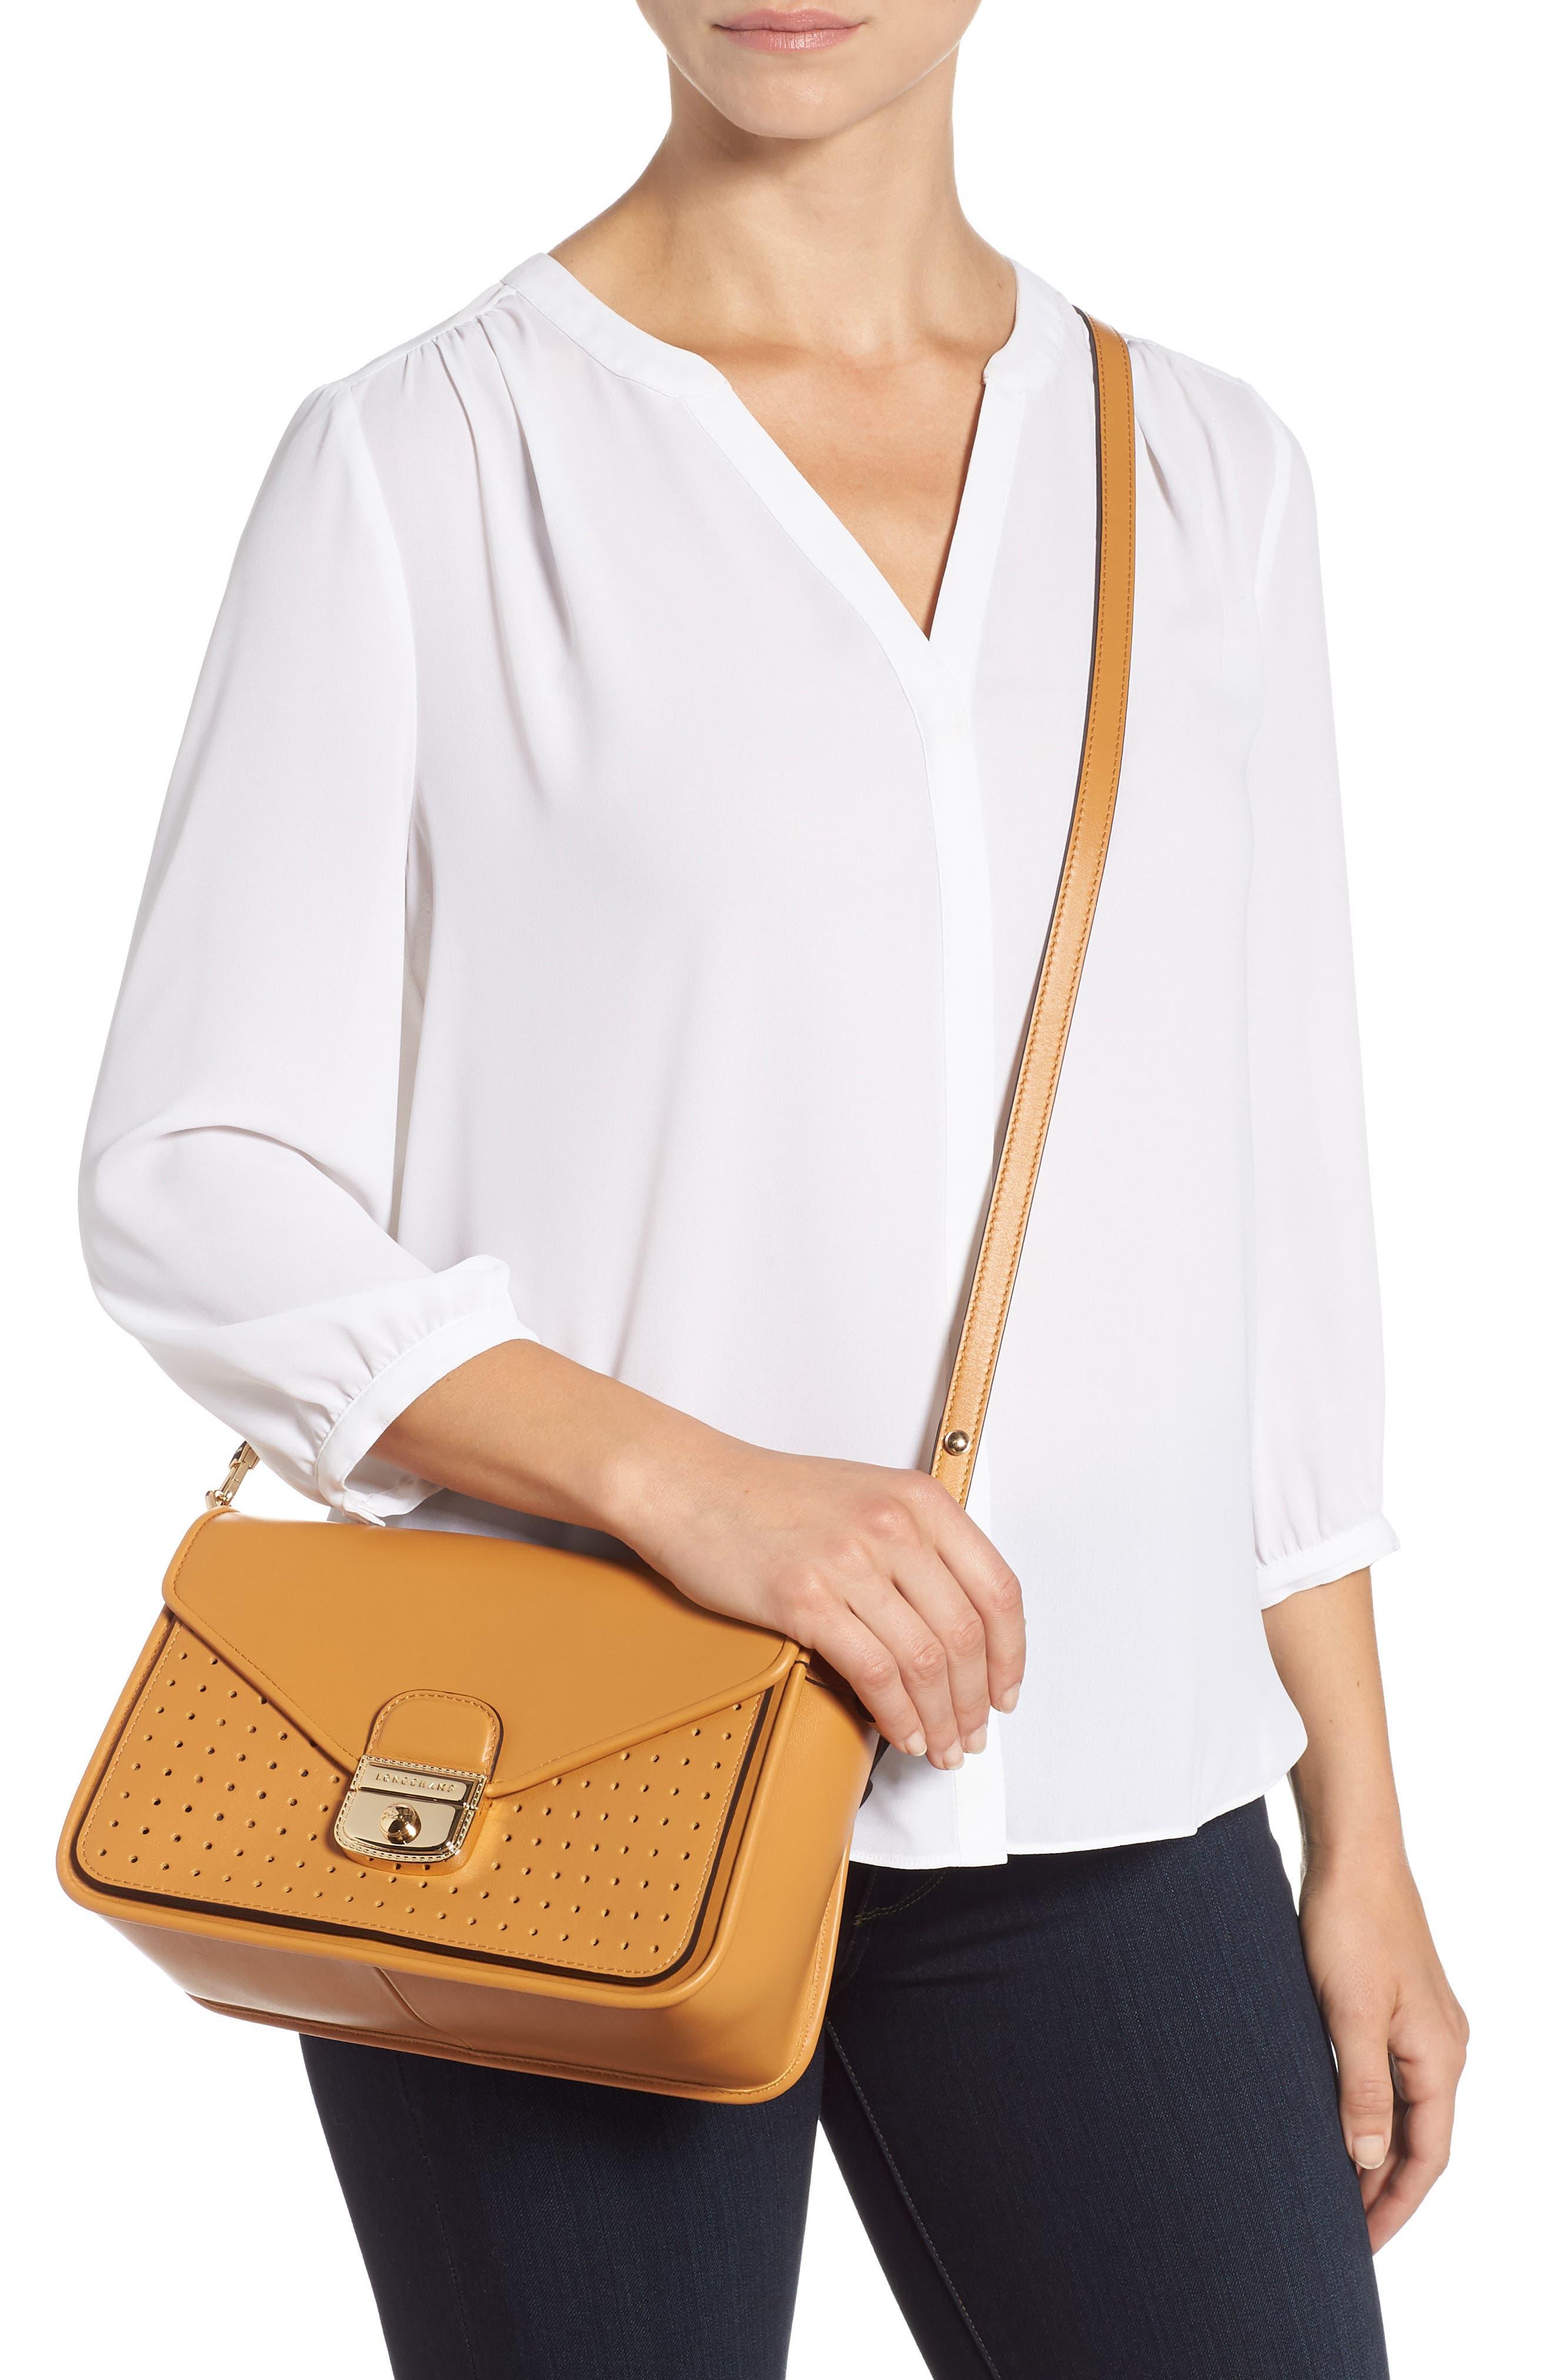 Mademoiselle Calfskin Leather Crossbody Bag,                             Alternate thumbnail 2, color,                             Honey